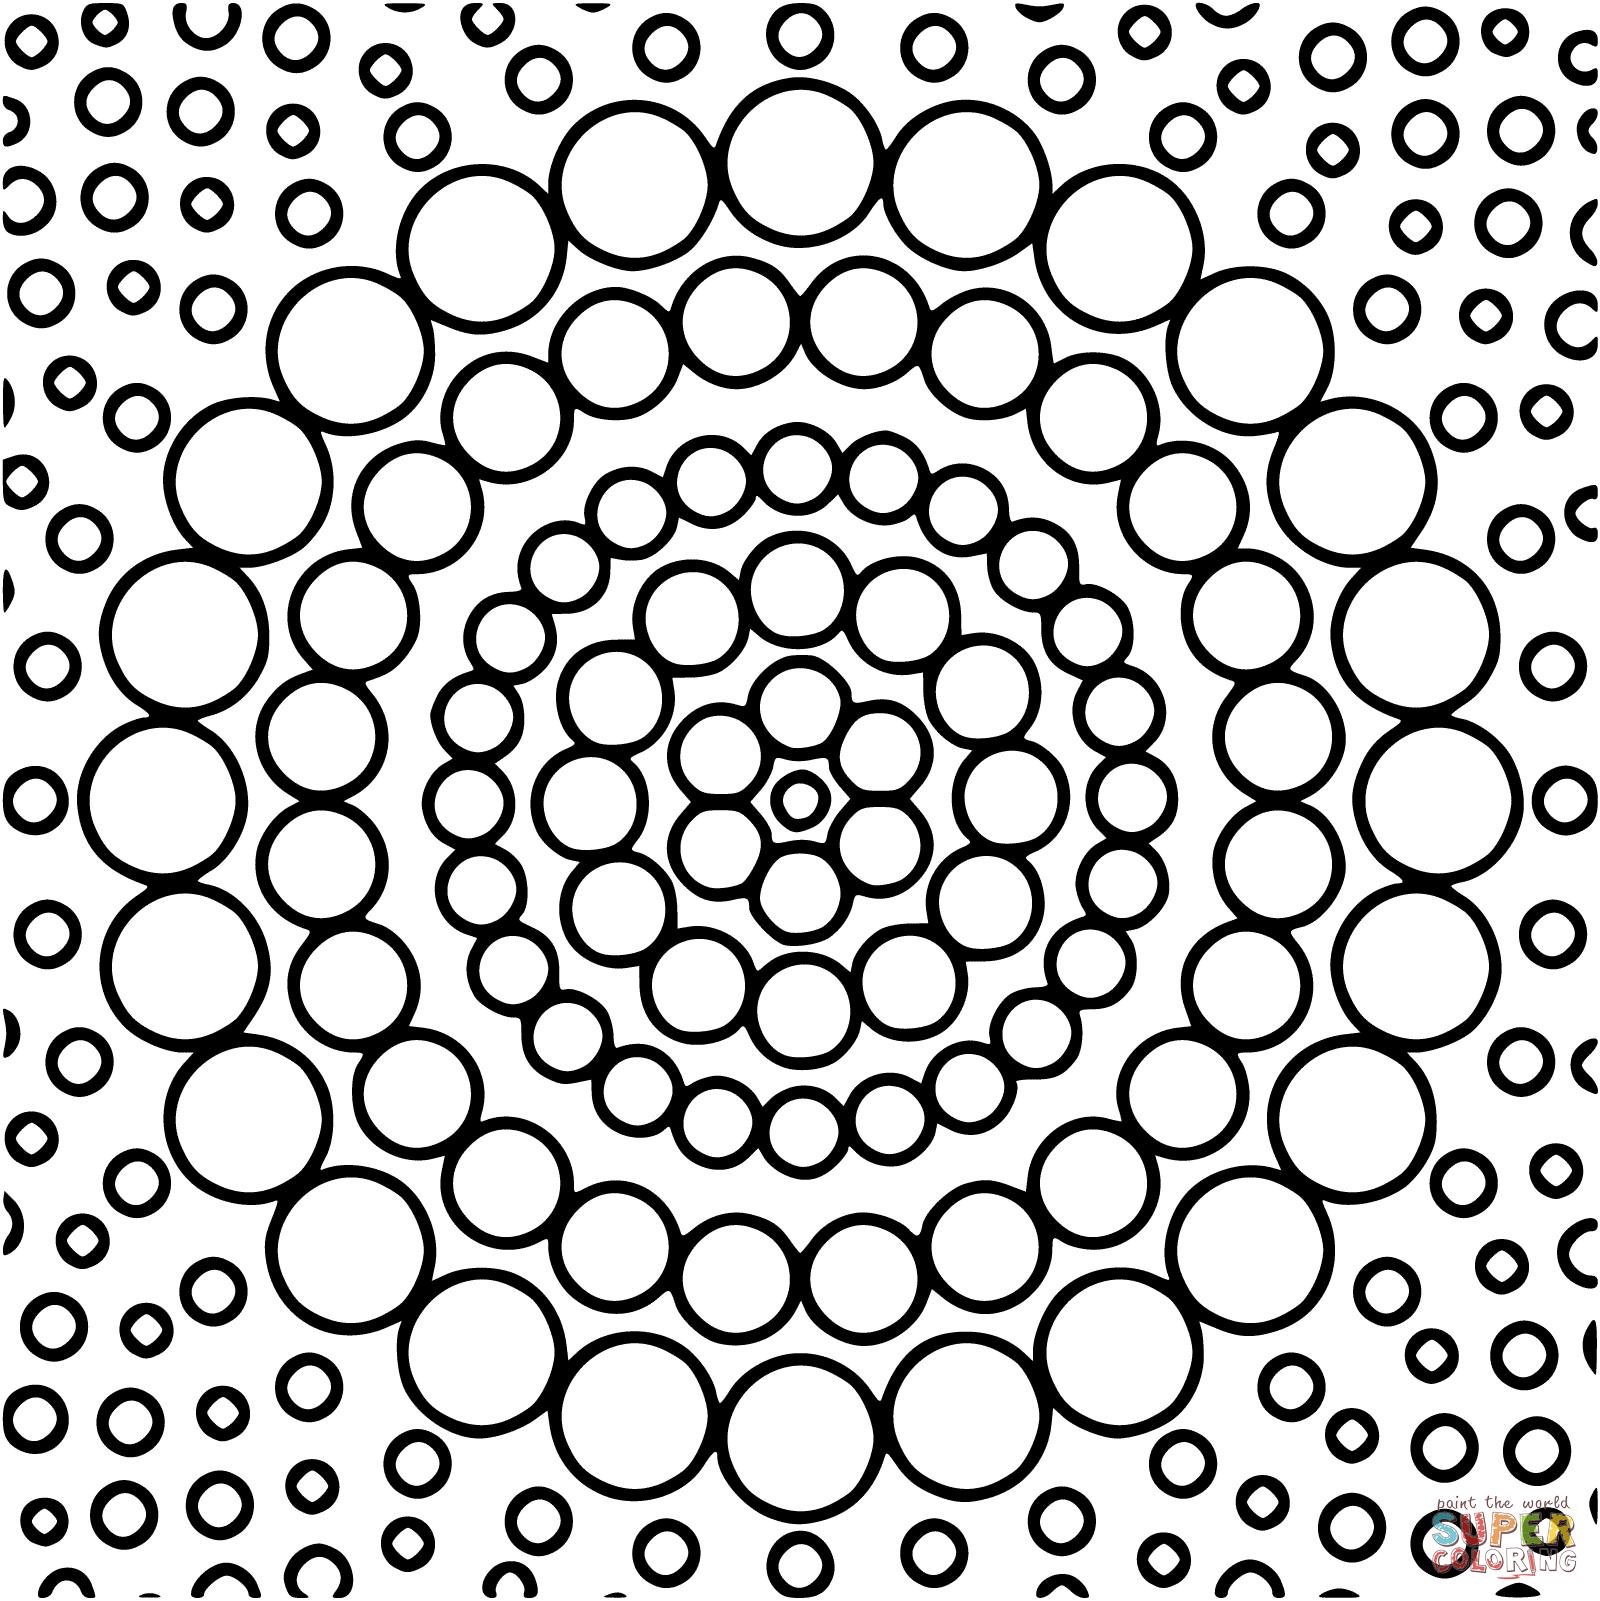 Circles Coloring Page Coloring